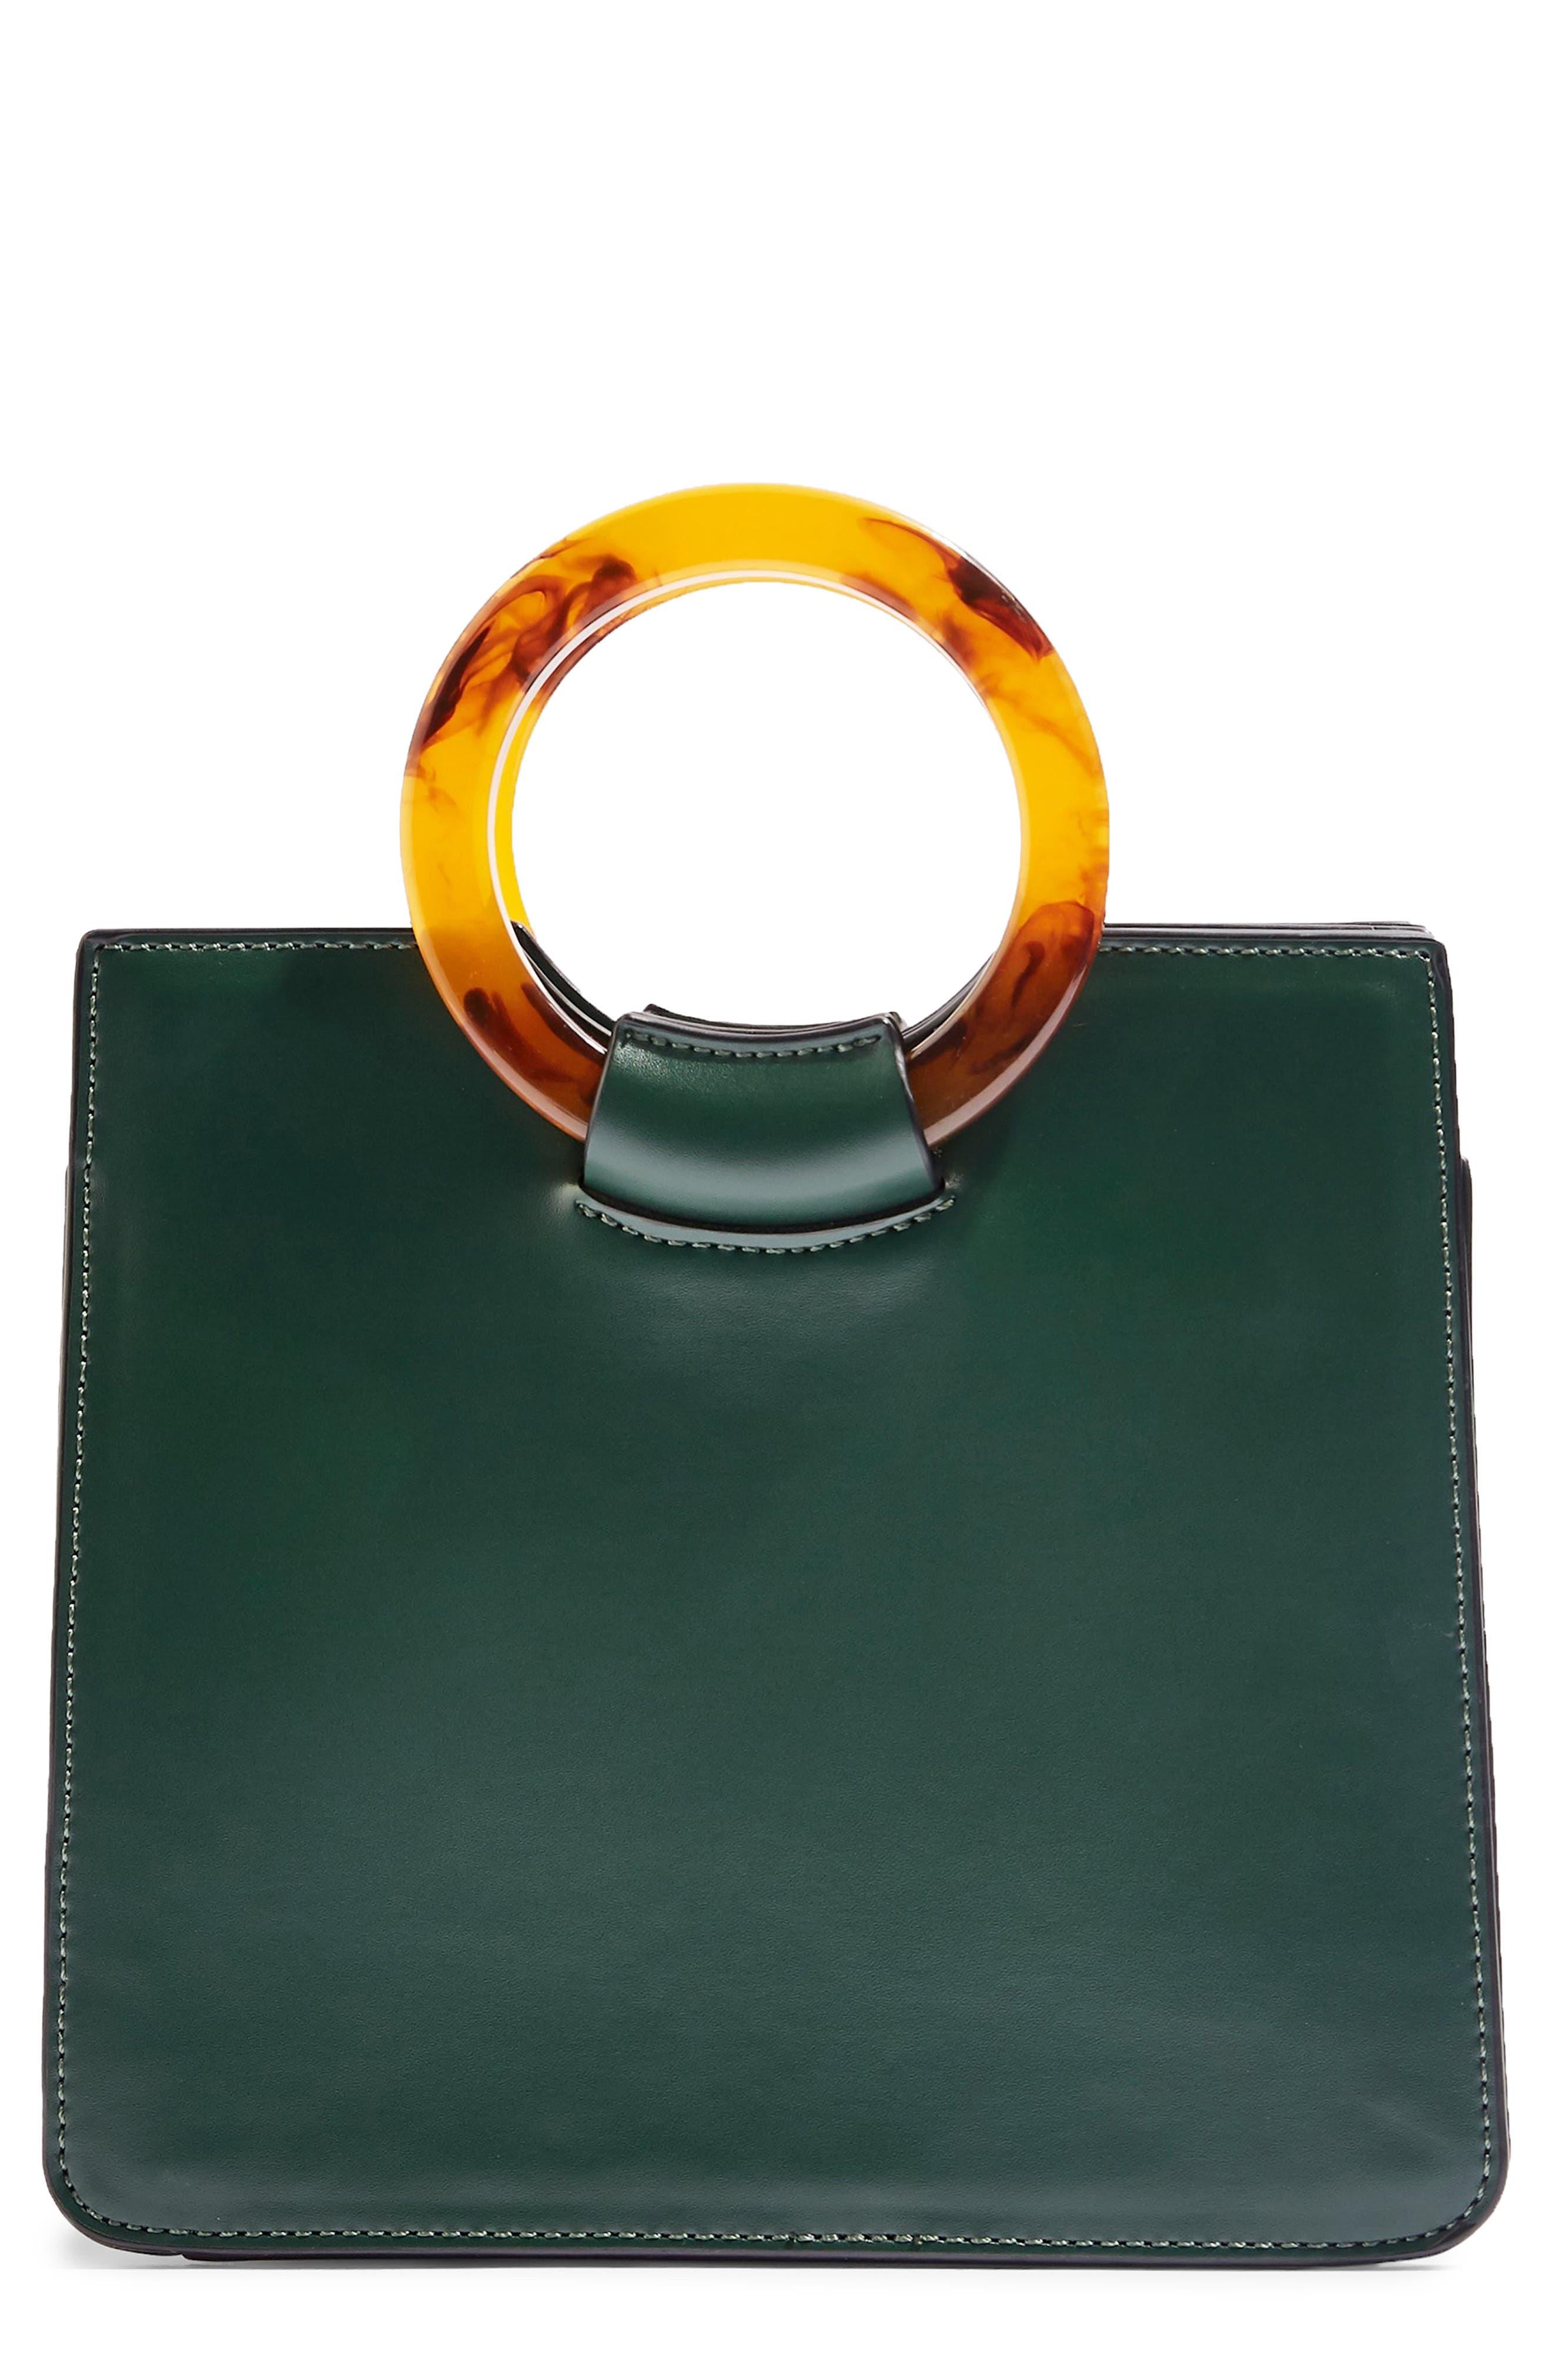 4b9ebbe14e Topshop Handbags   Purses